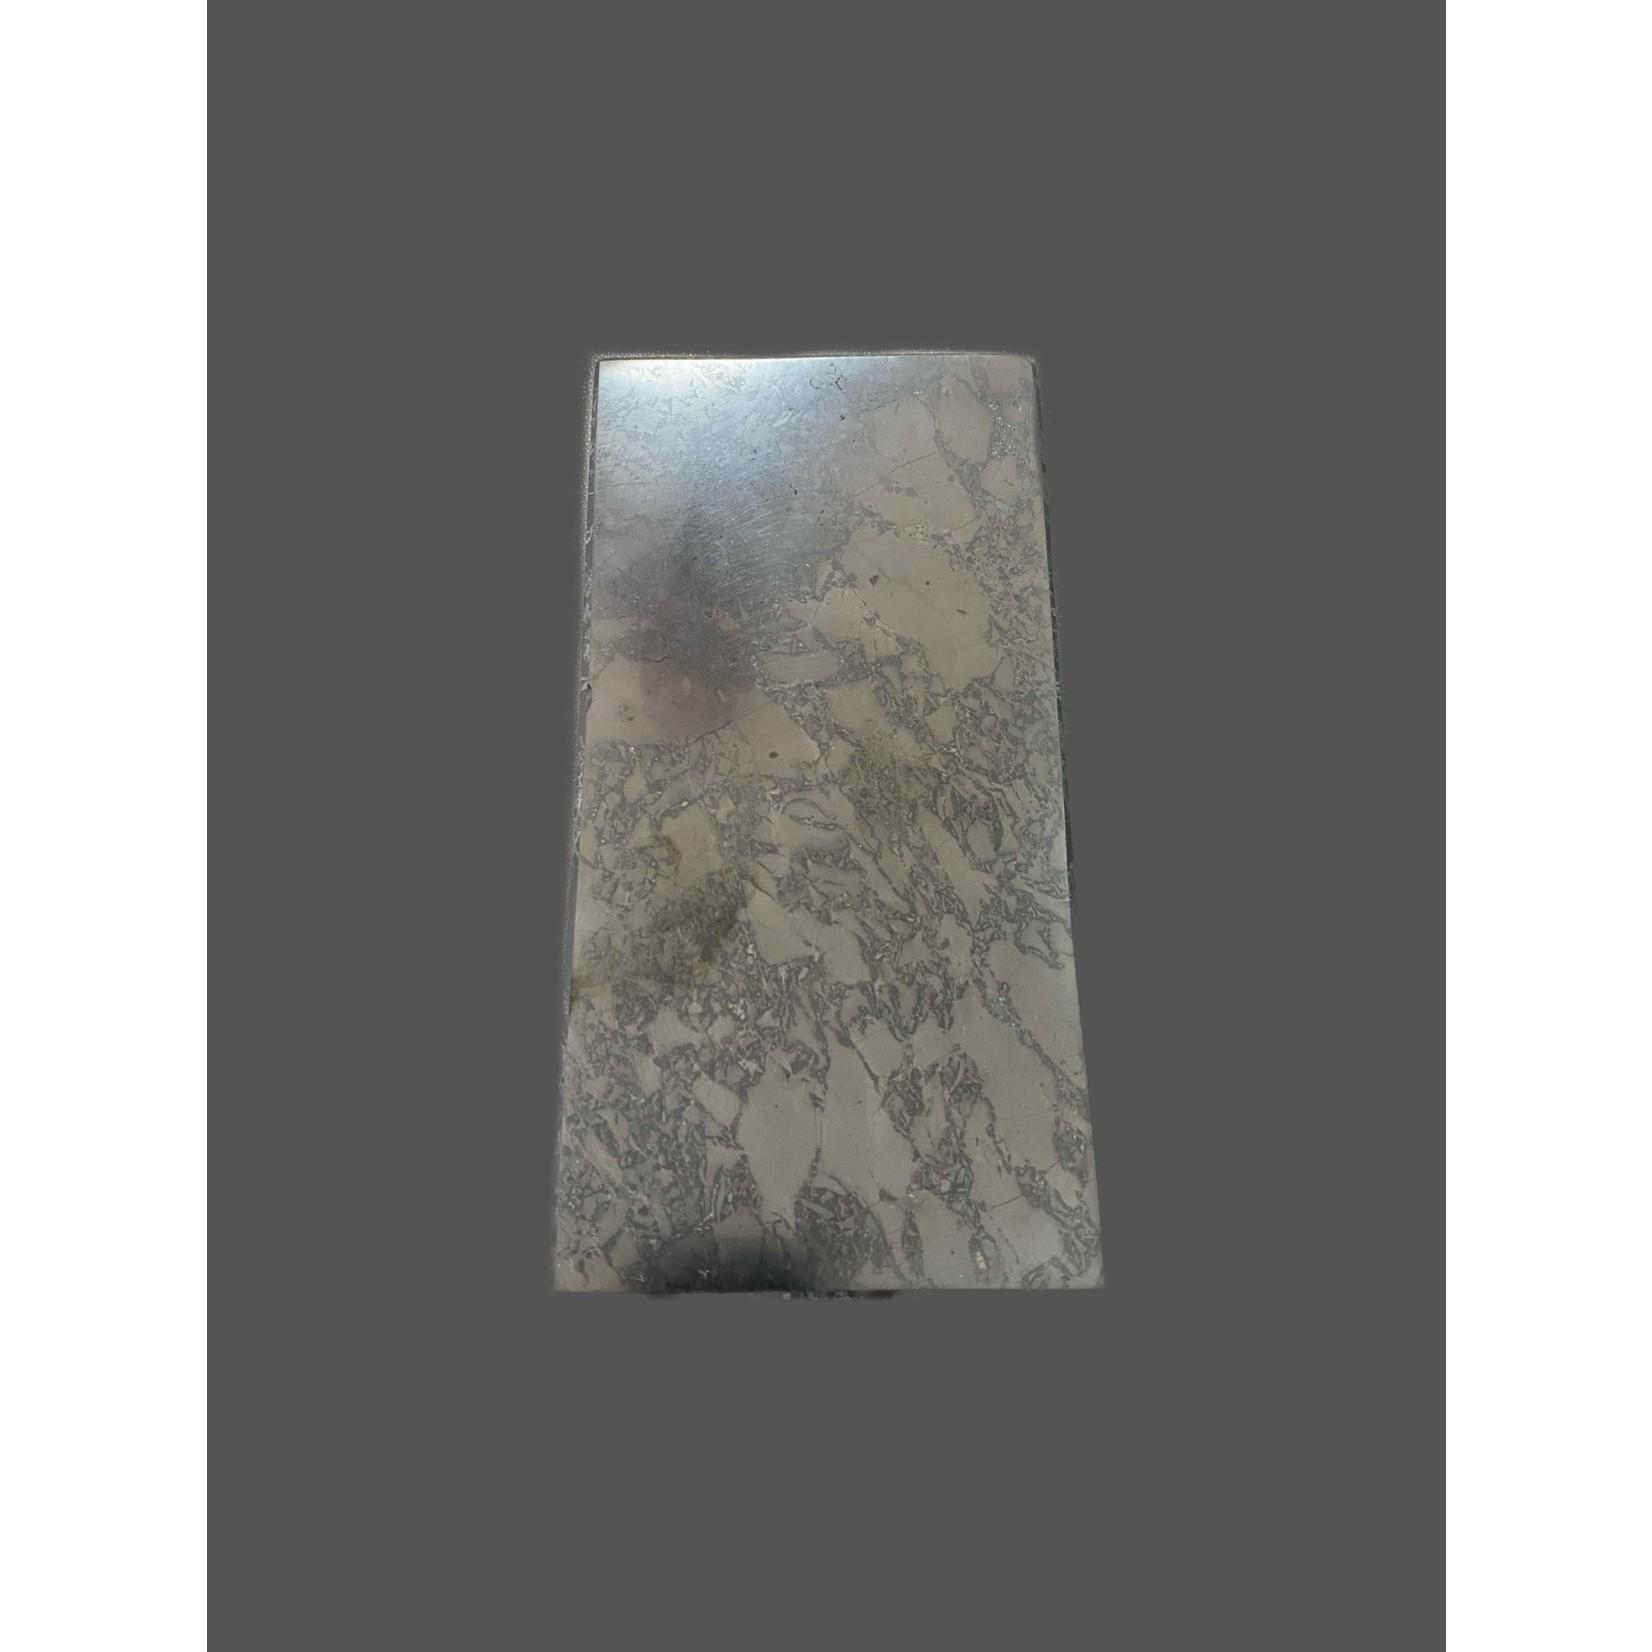 Ladrillo Shungit 20x10x5cm